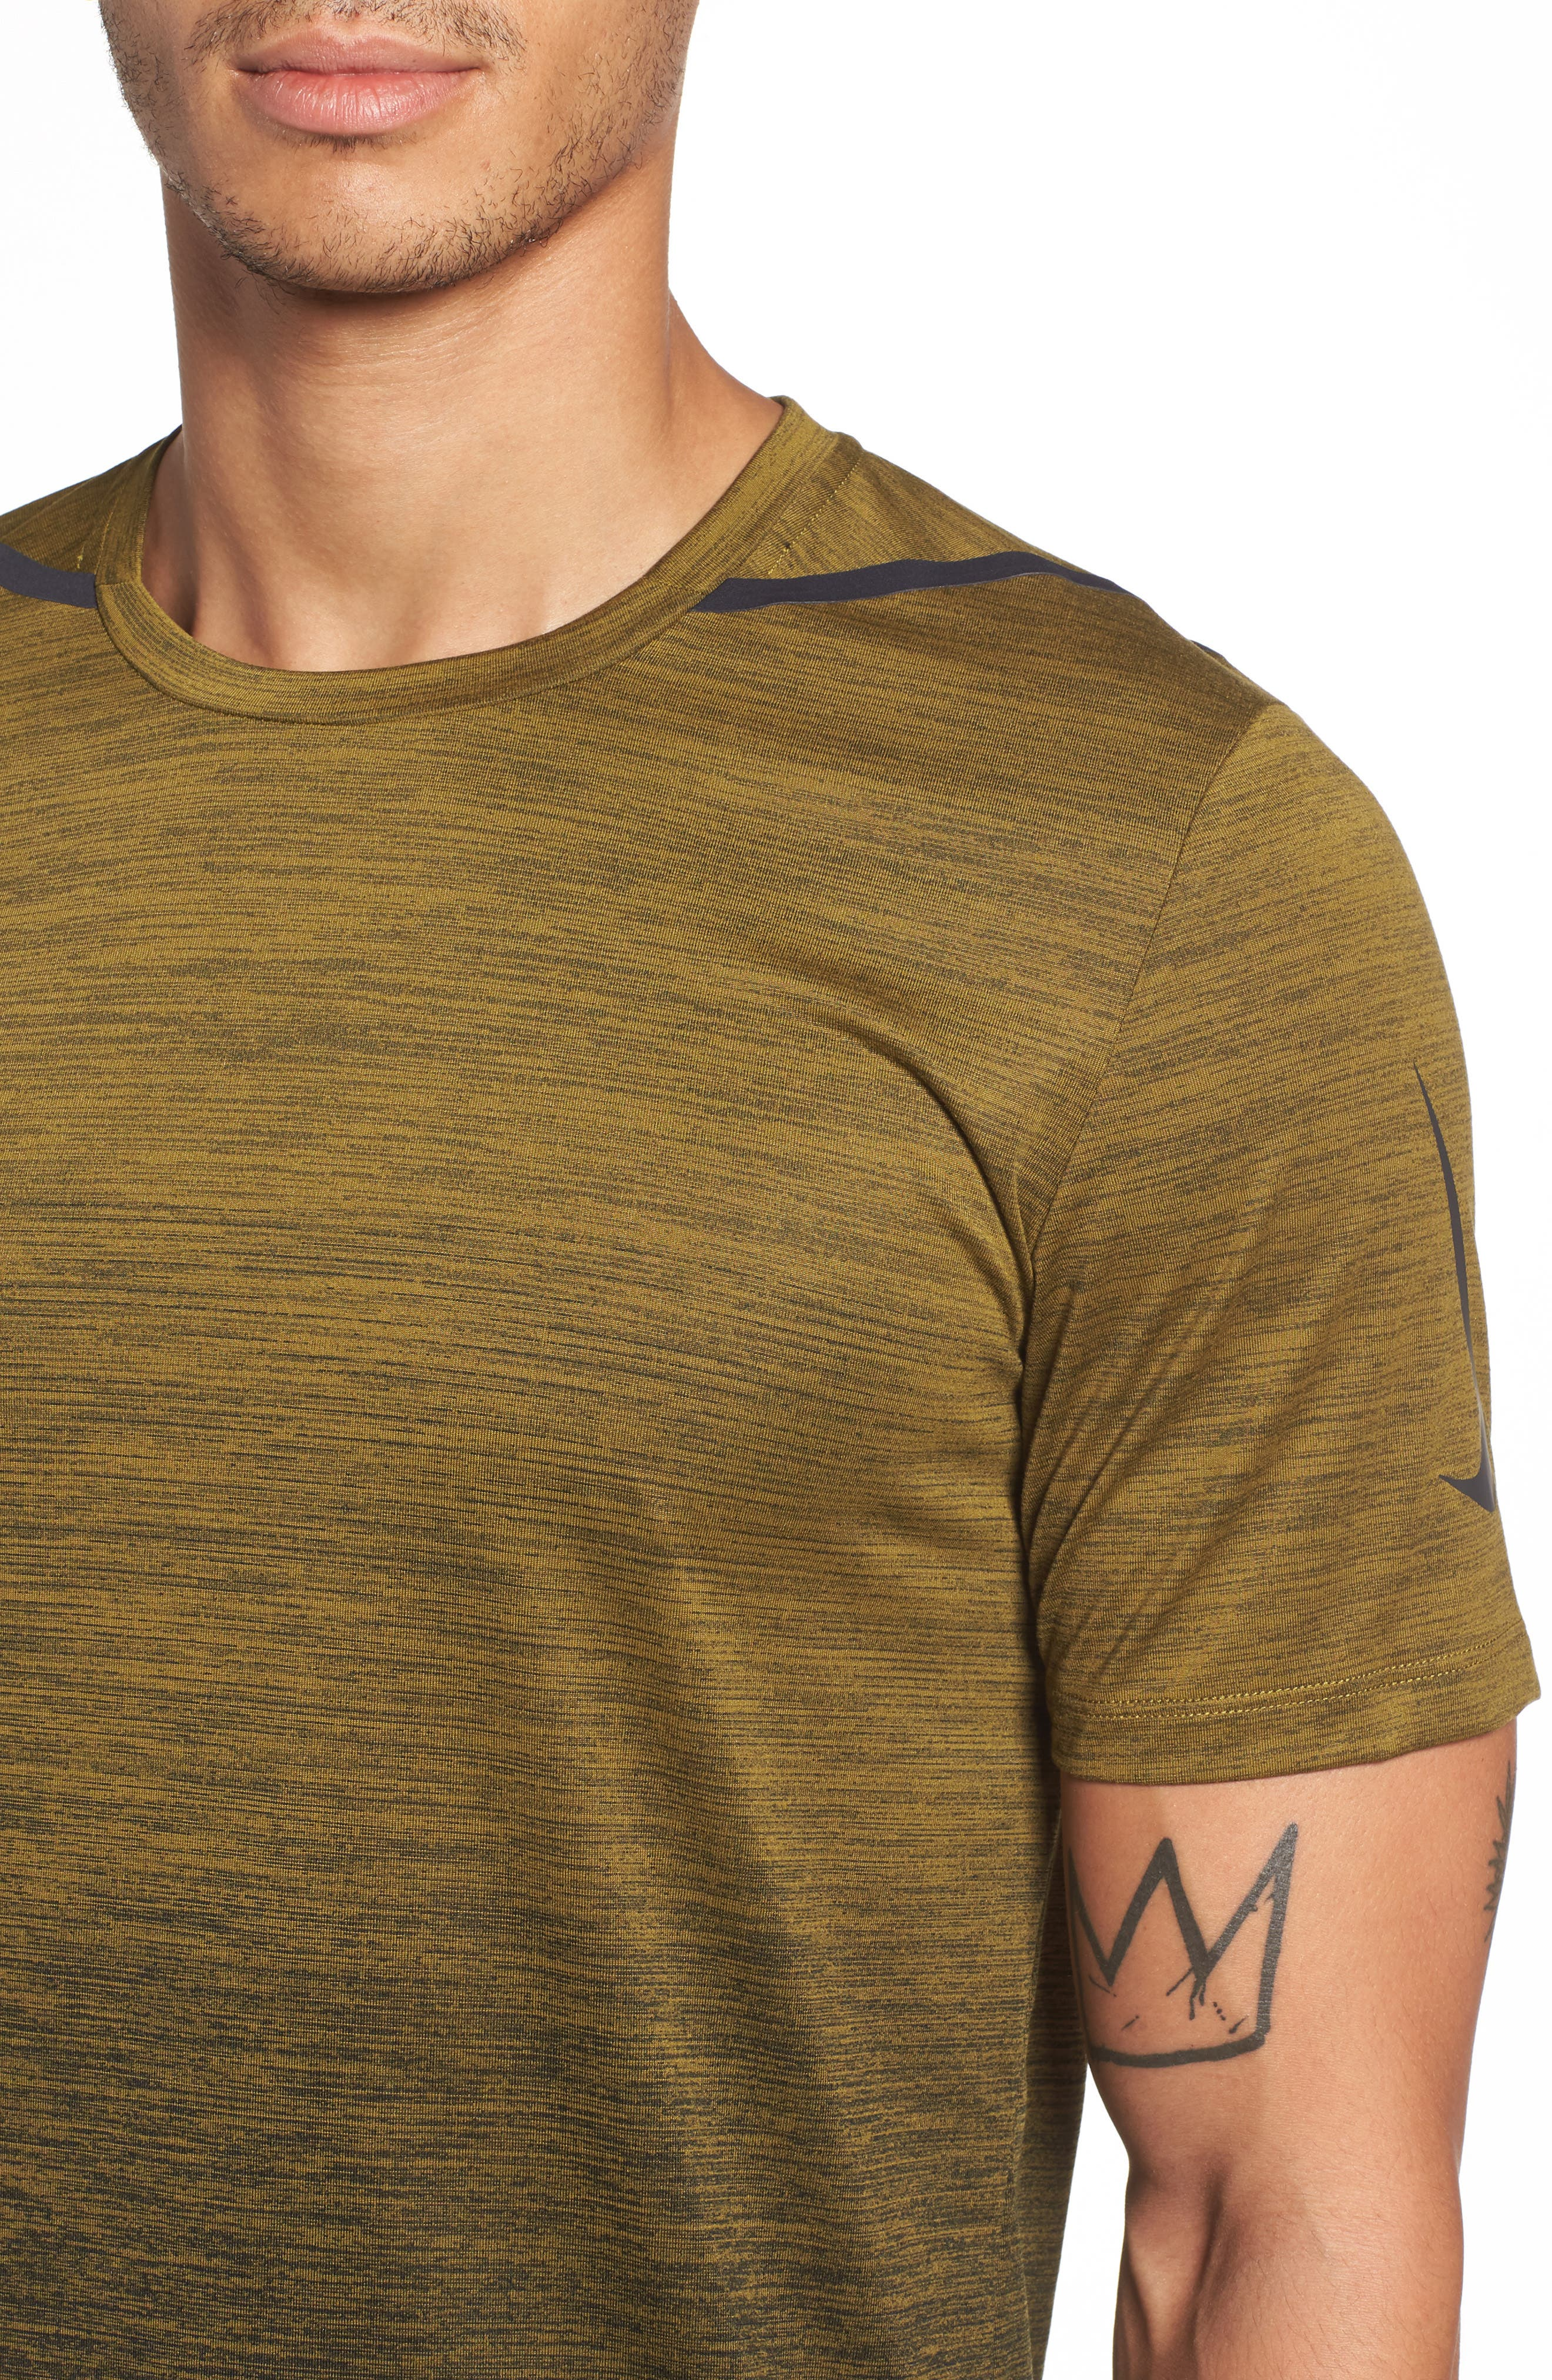 NIKE, Dry Max Training T-Shirt, Alternate thumbnail 4, color, OLIVE FLAK/ BLACK/ COBALT